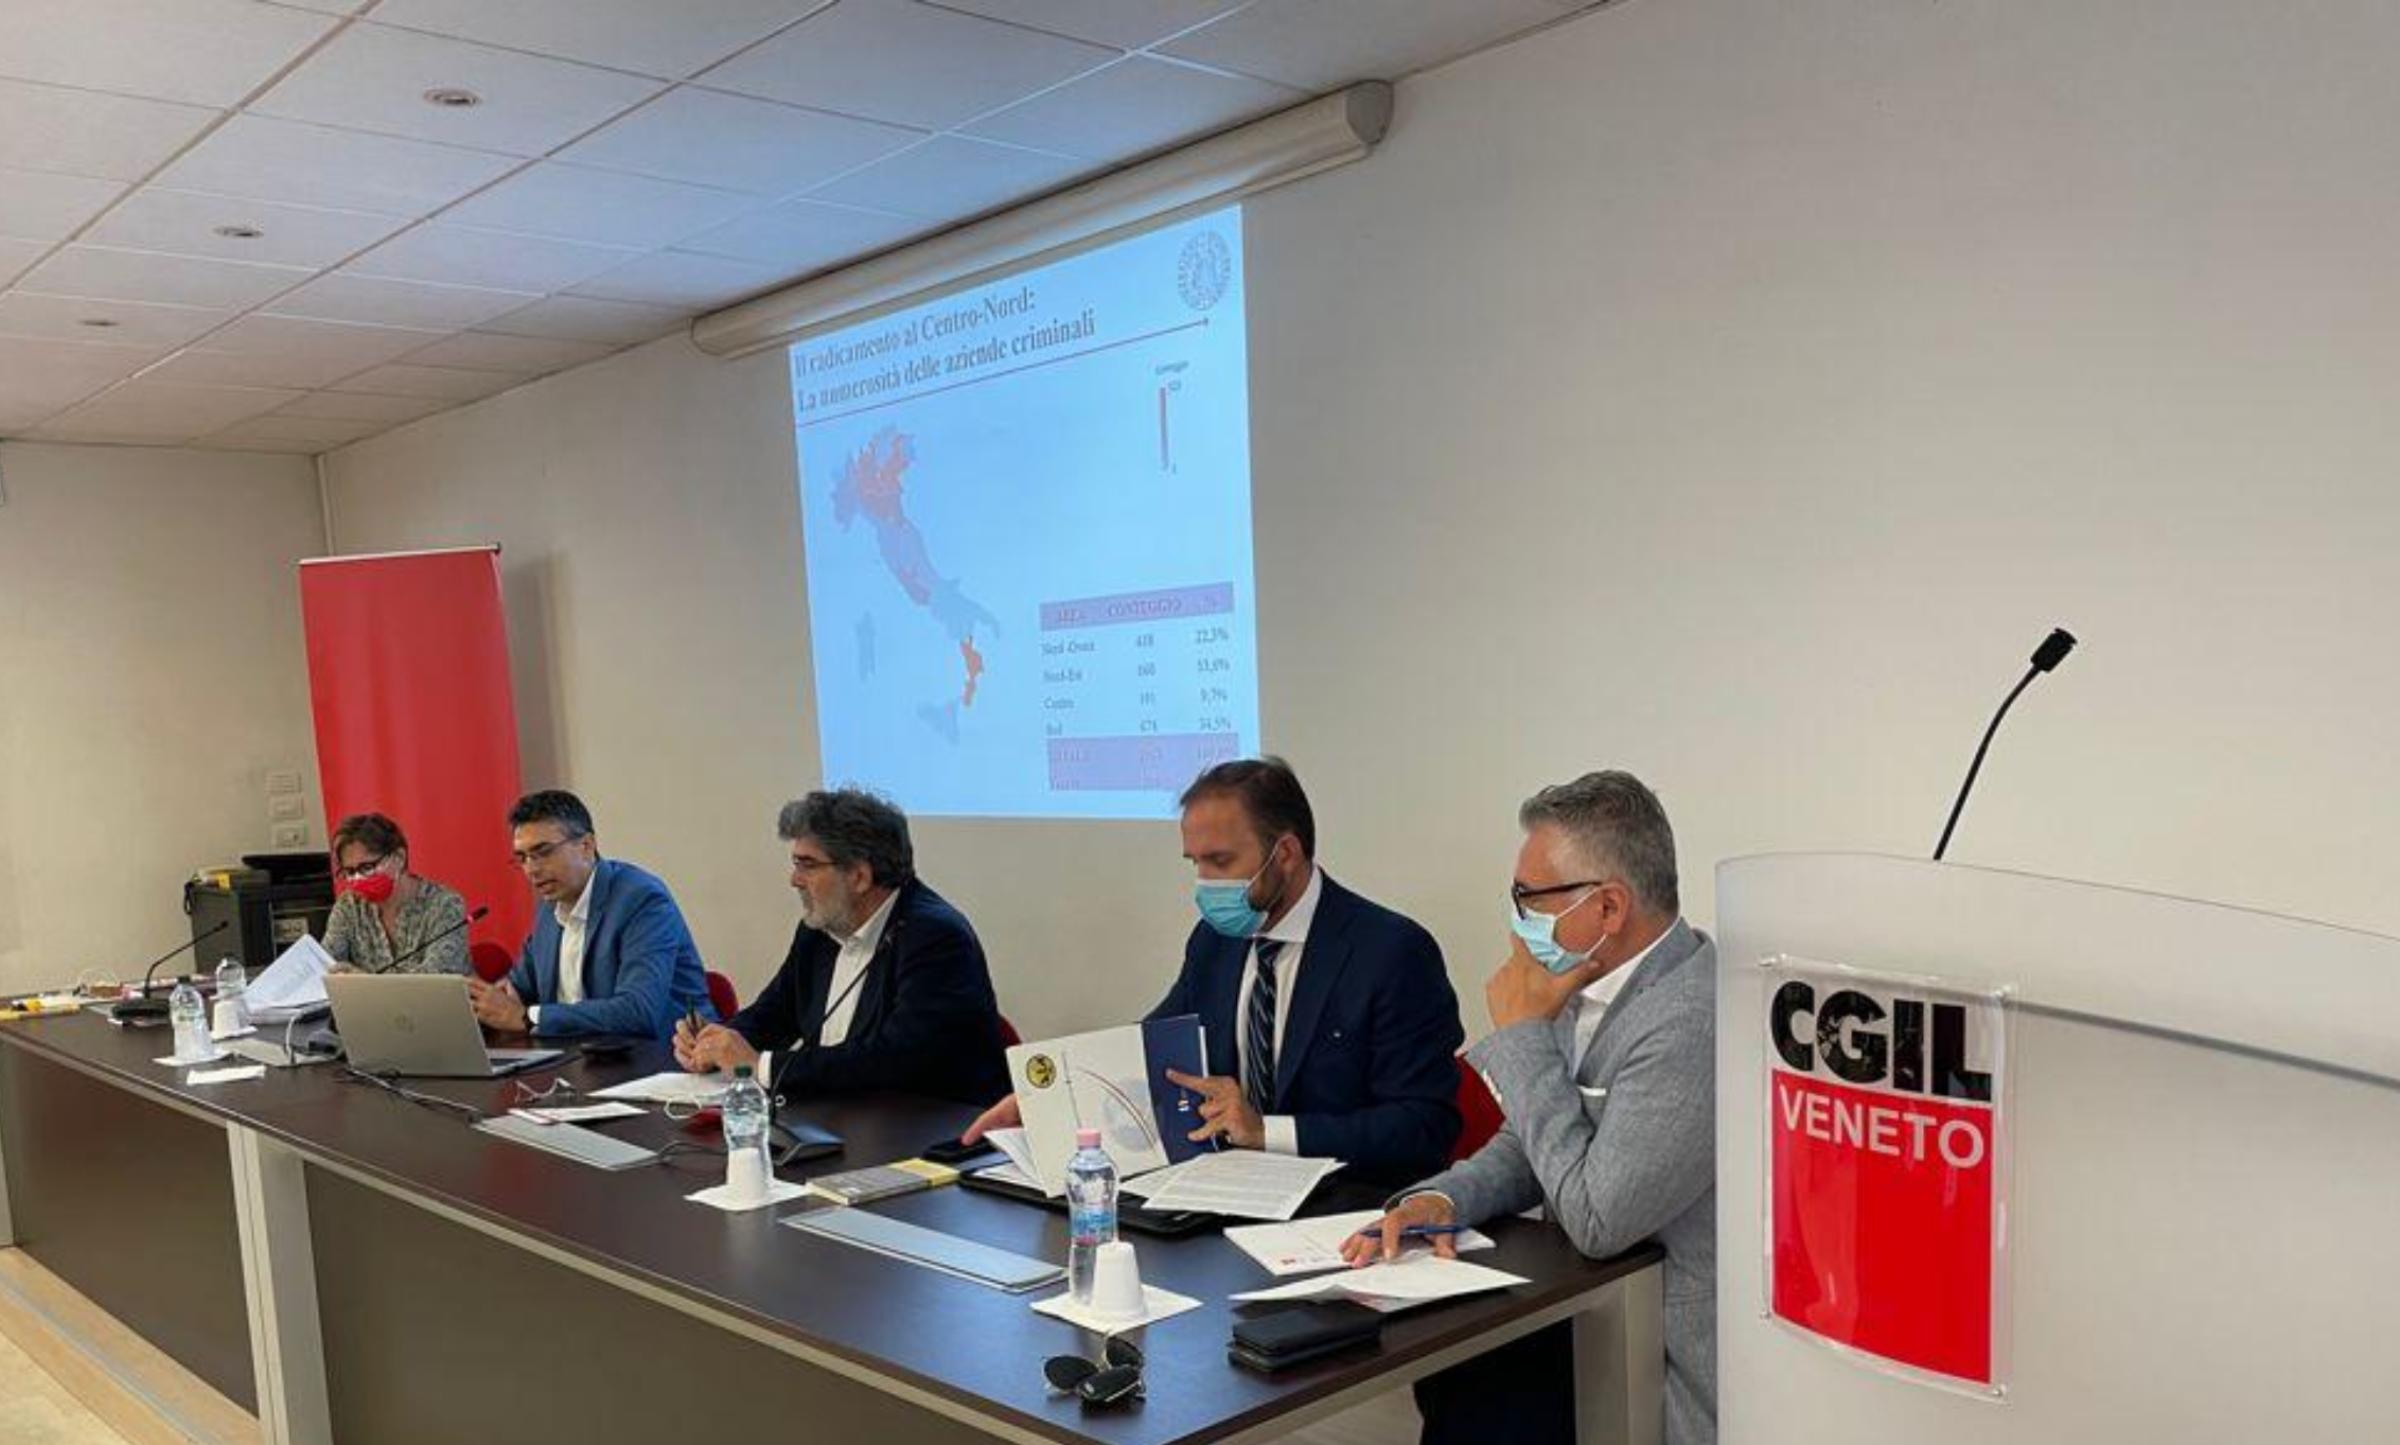 """""""Mafie ed Economia in Veneto: quale prevenzione al tempo del Covid?"""": il resoconto del seminario promosso da Filctem Cgil in collaborazione con Avviso Pubblico"""